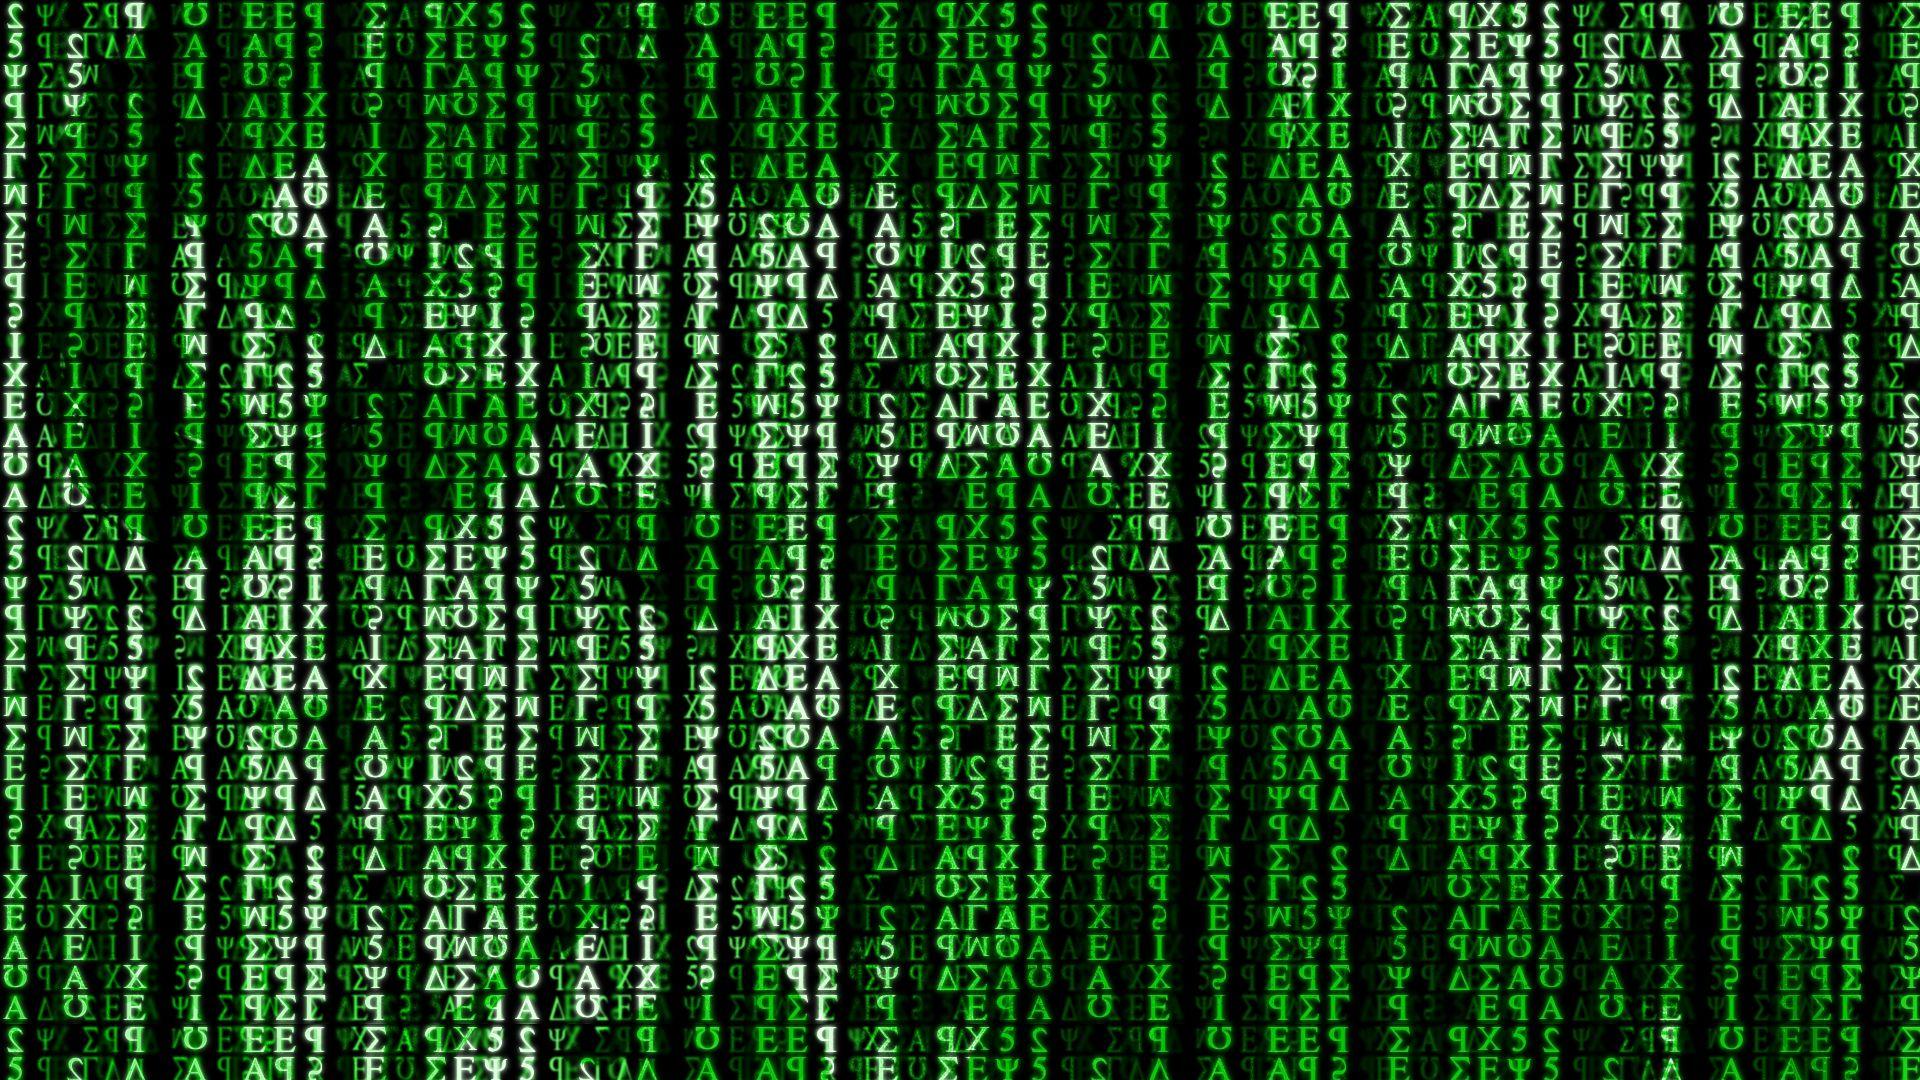 Pantalla de color negro con infinidad de números, letras y caracteres de color verde en posición vertical.